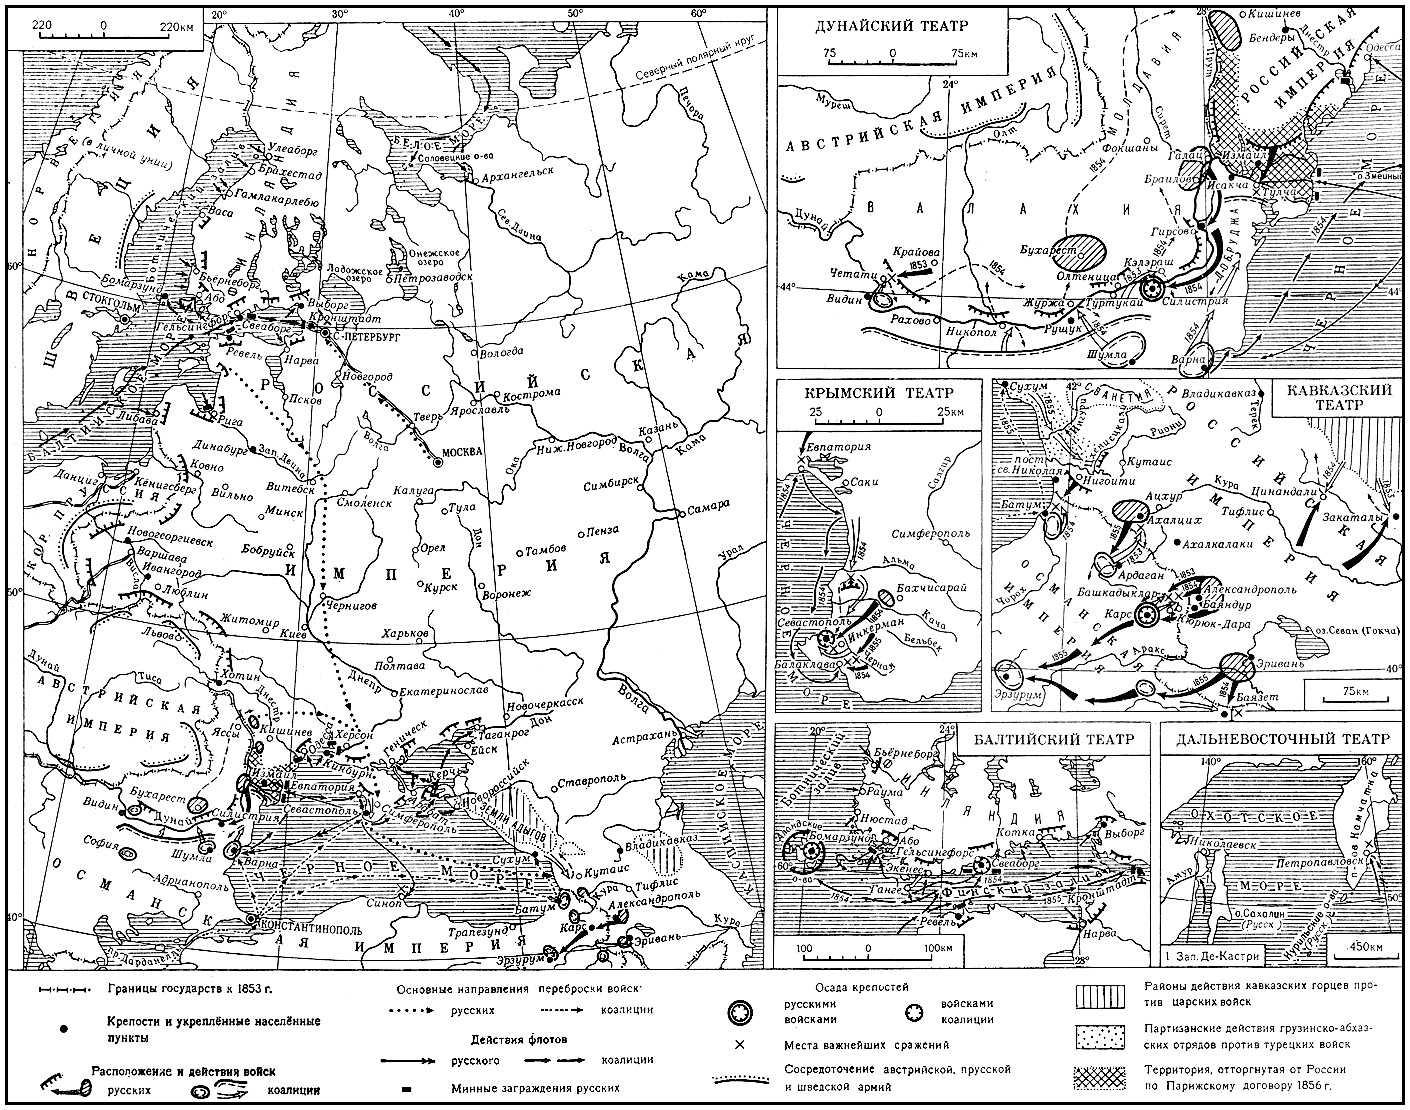 Крымская война 1853—56 гг. Крымская война 1853-56.